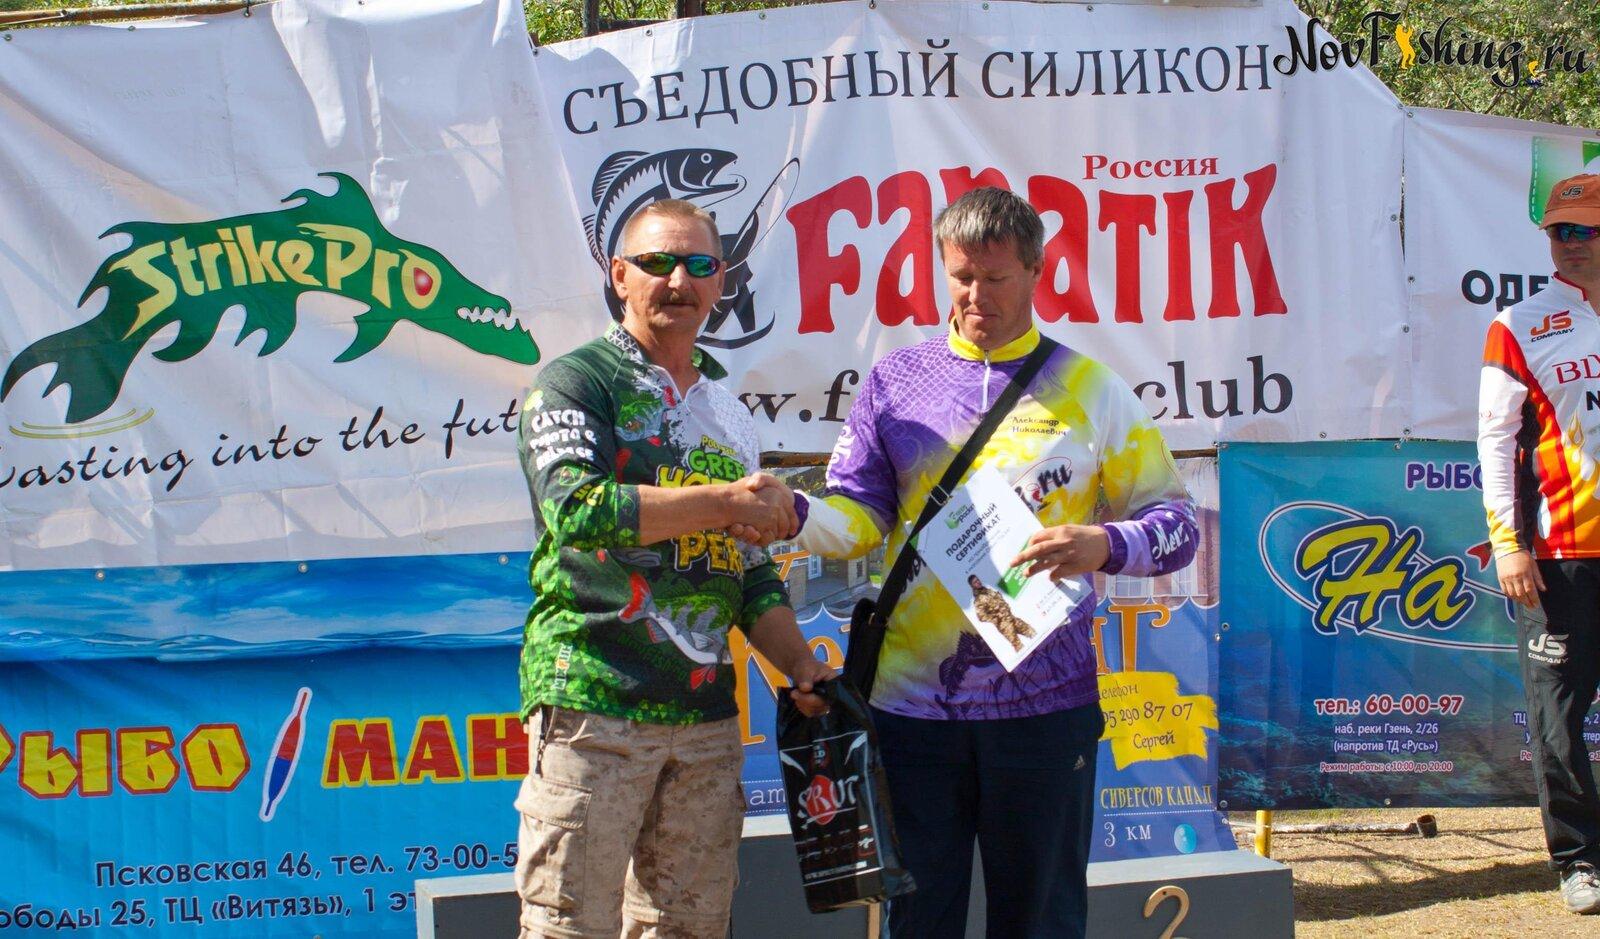 Порыбалки (125 of 1).jpg